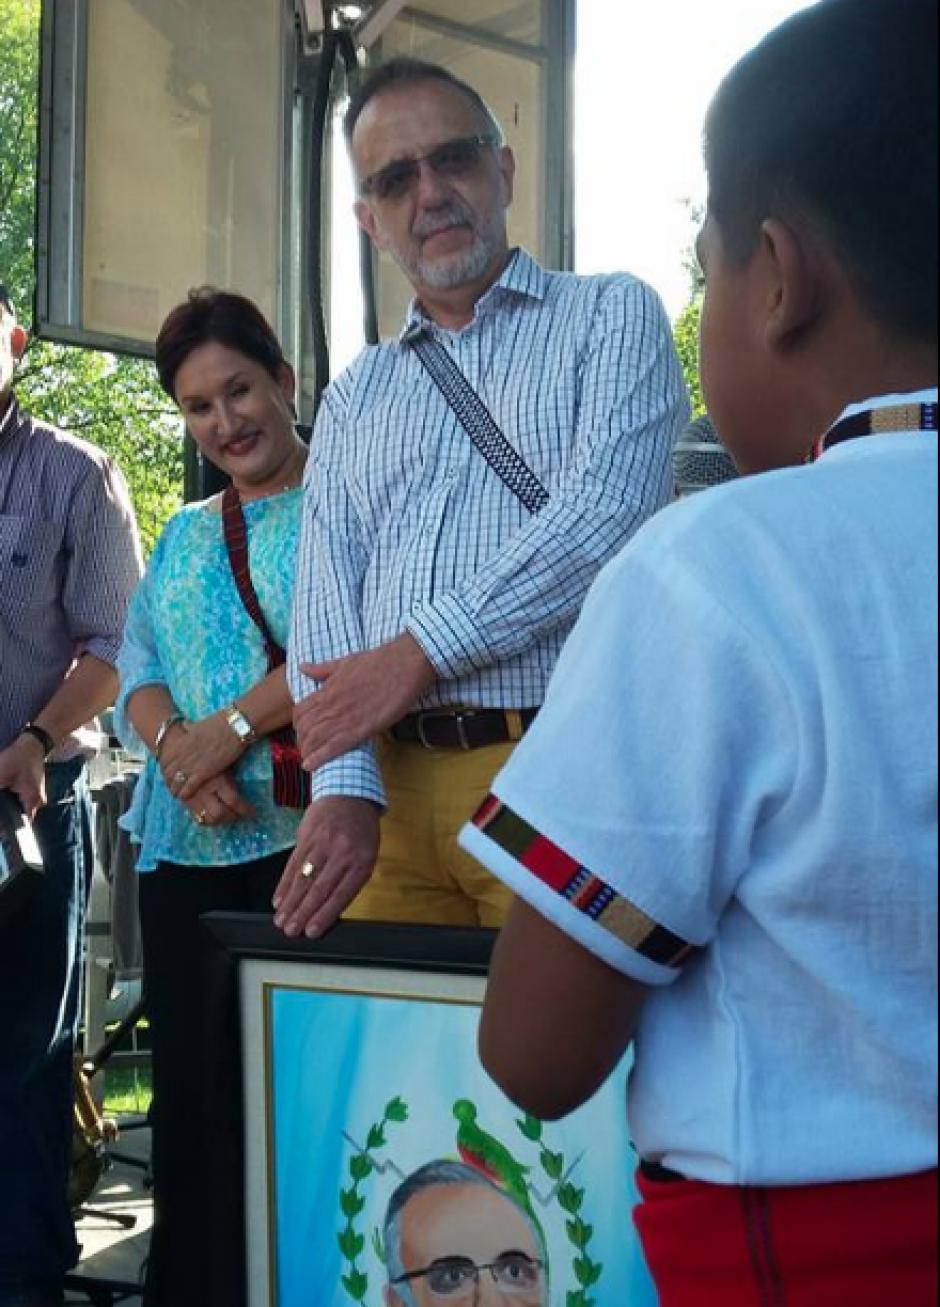 El pequeño de padres guatemaltecos, nacido en EE.UU., se refirió a Velásquez y Aldana en nombre de la niñez guatemalteca. (Foto: Guate Fest)